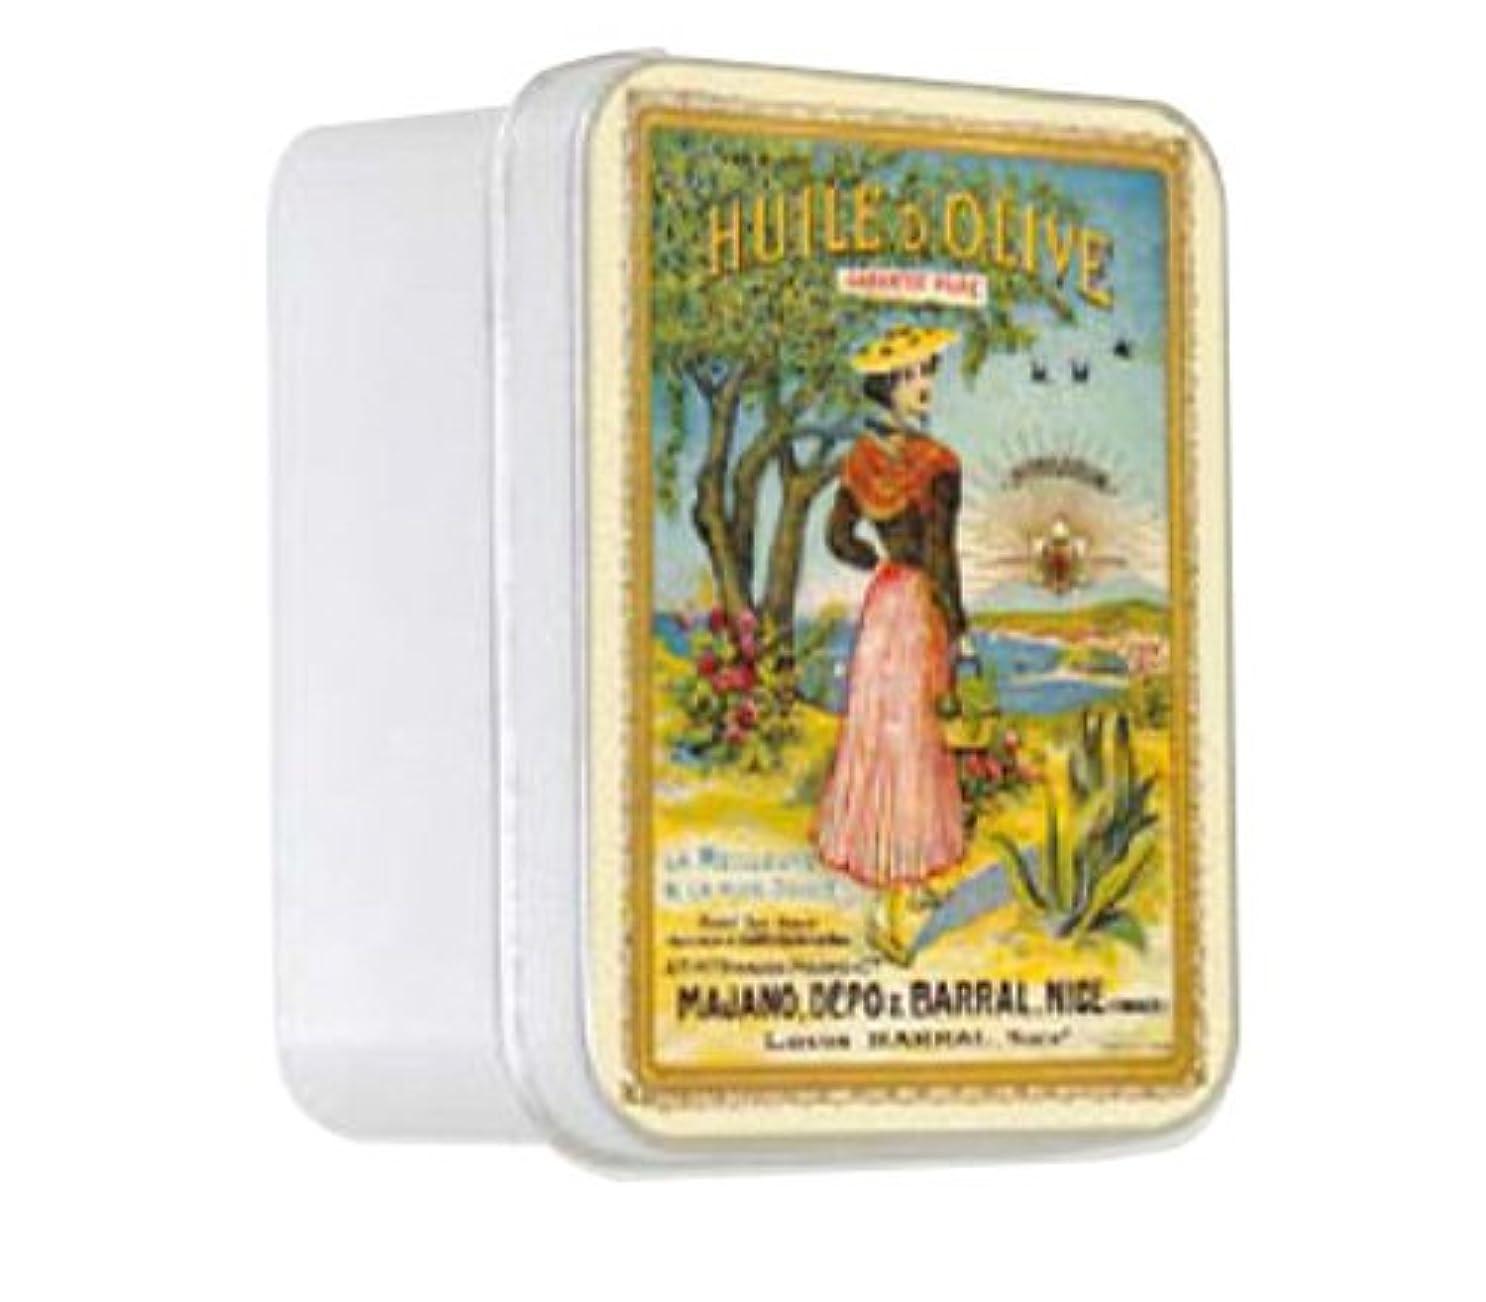 交換可能洞察力のある彼はルブランソープ メタルボックス(ラ ニソワーズ?オリーブの香り)石鹸